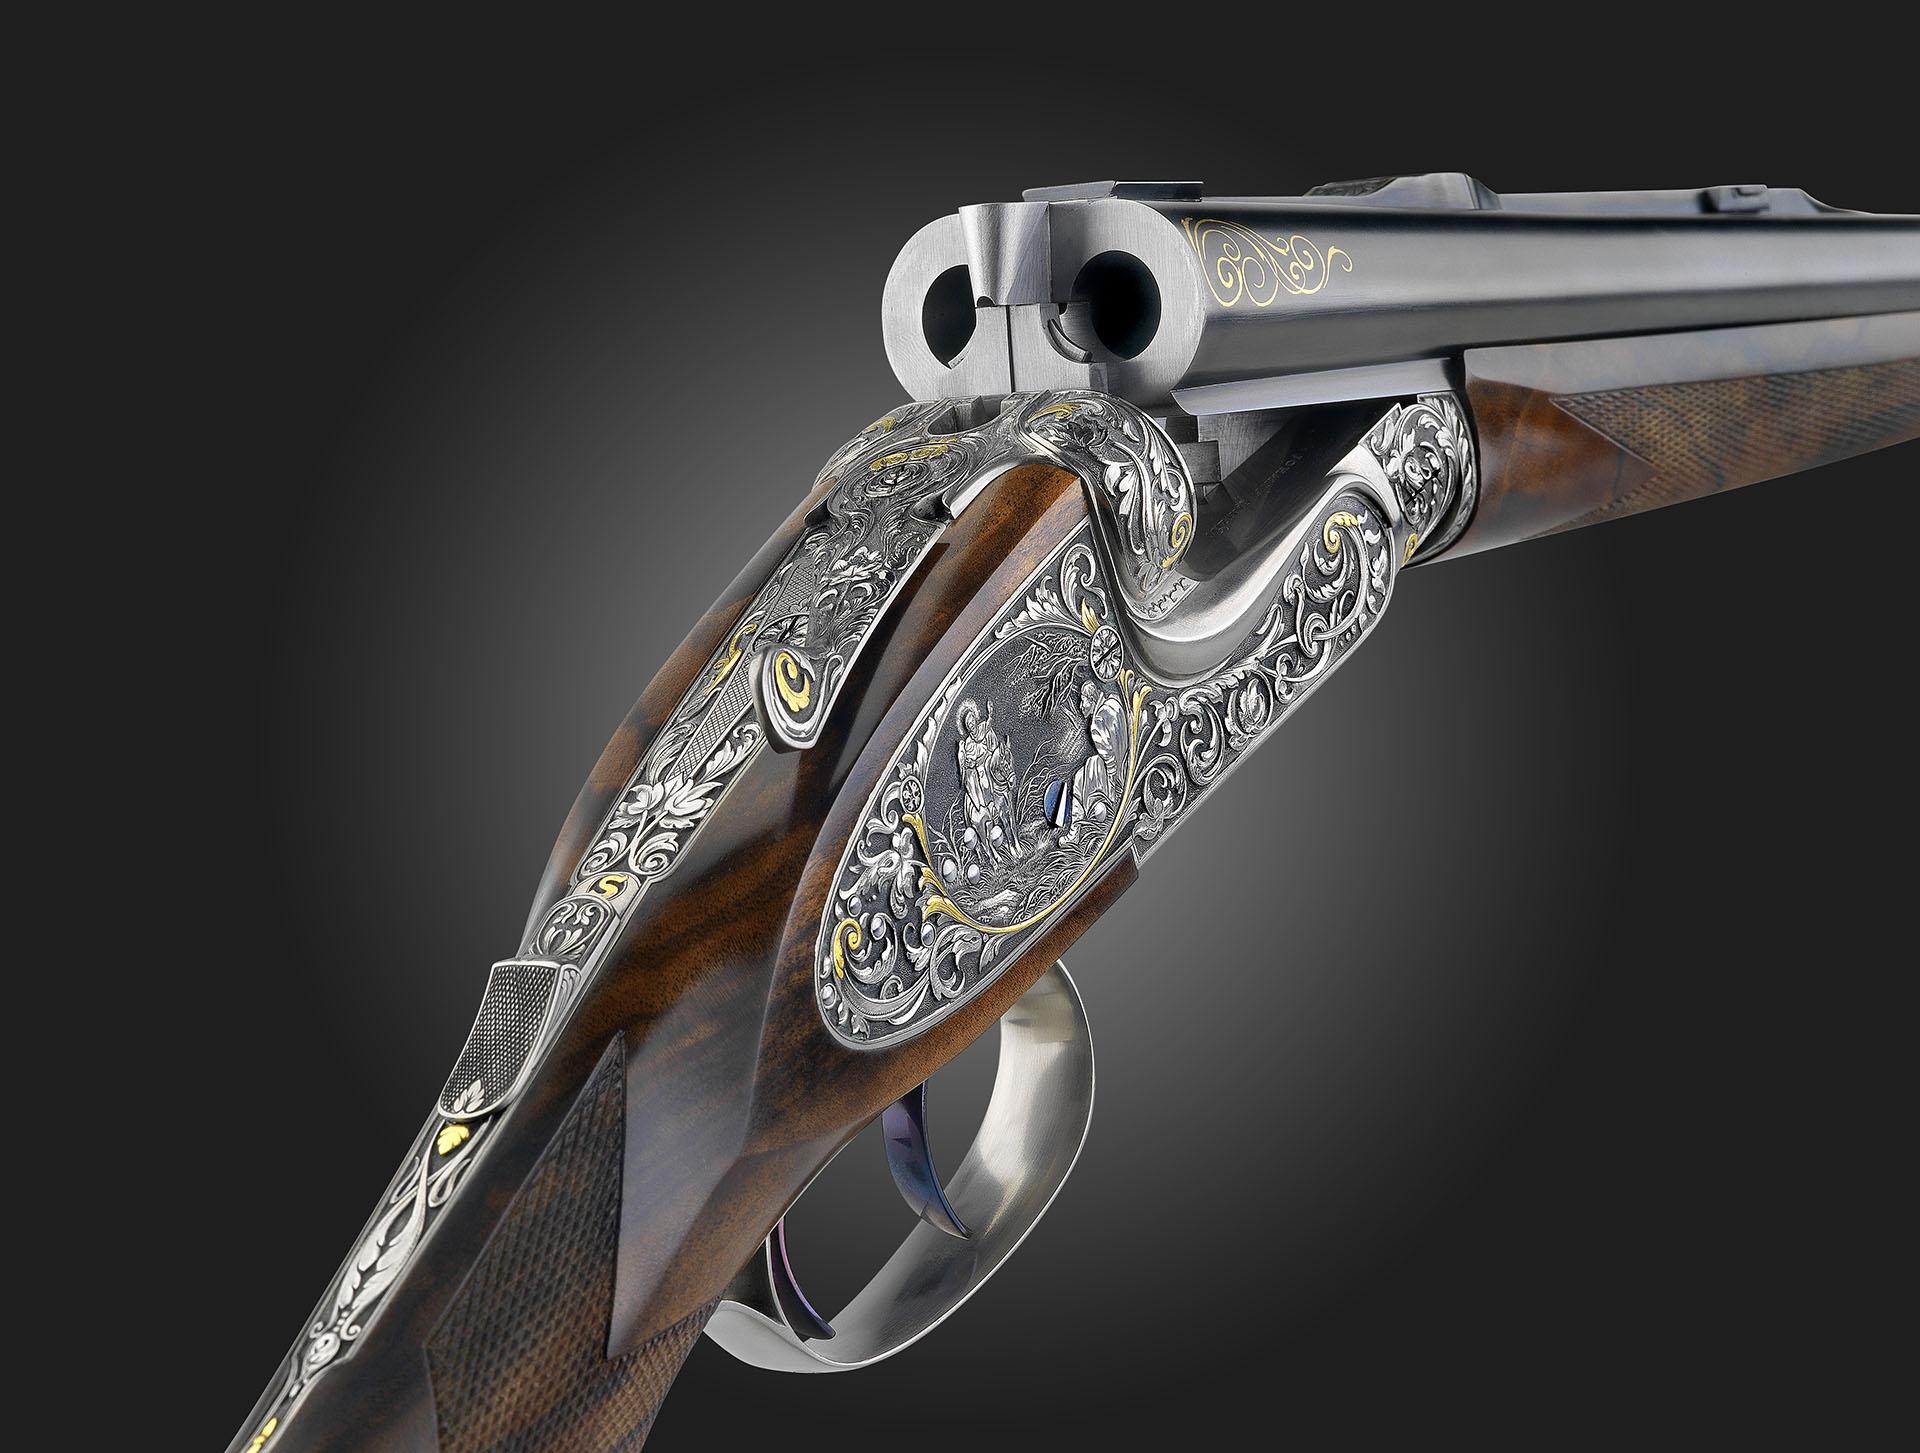 Sidelock double rifle - Johann Fanzoj